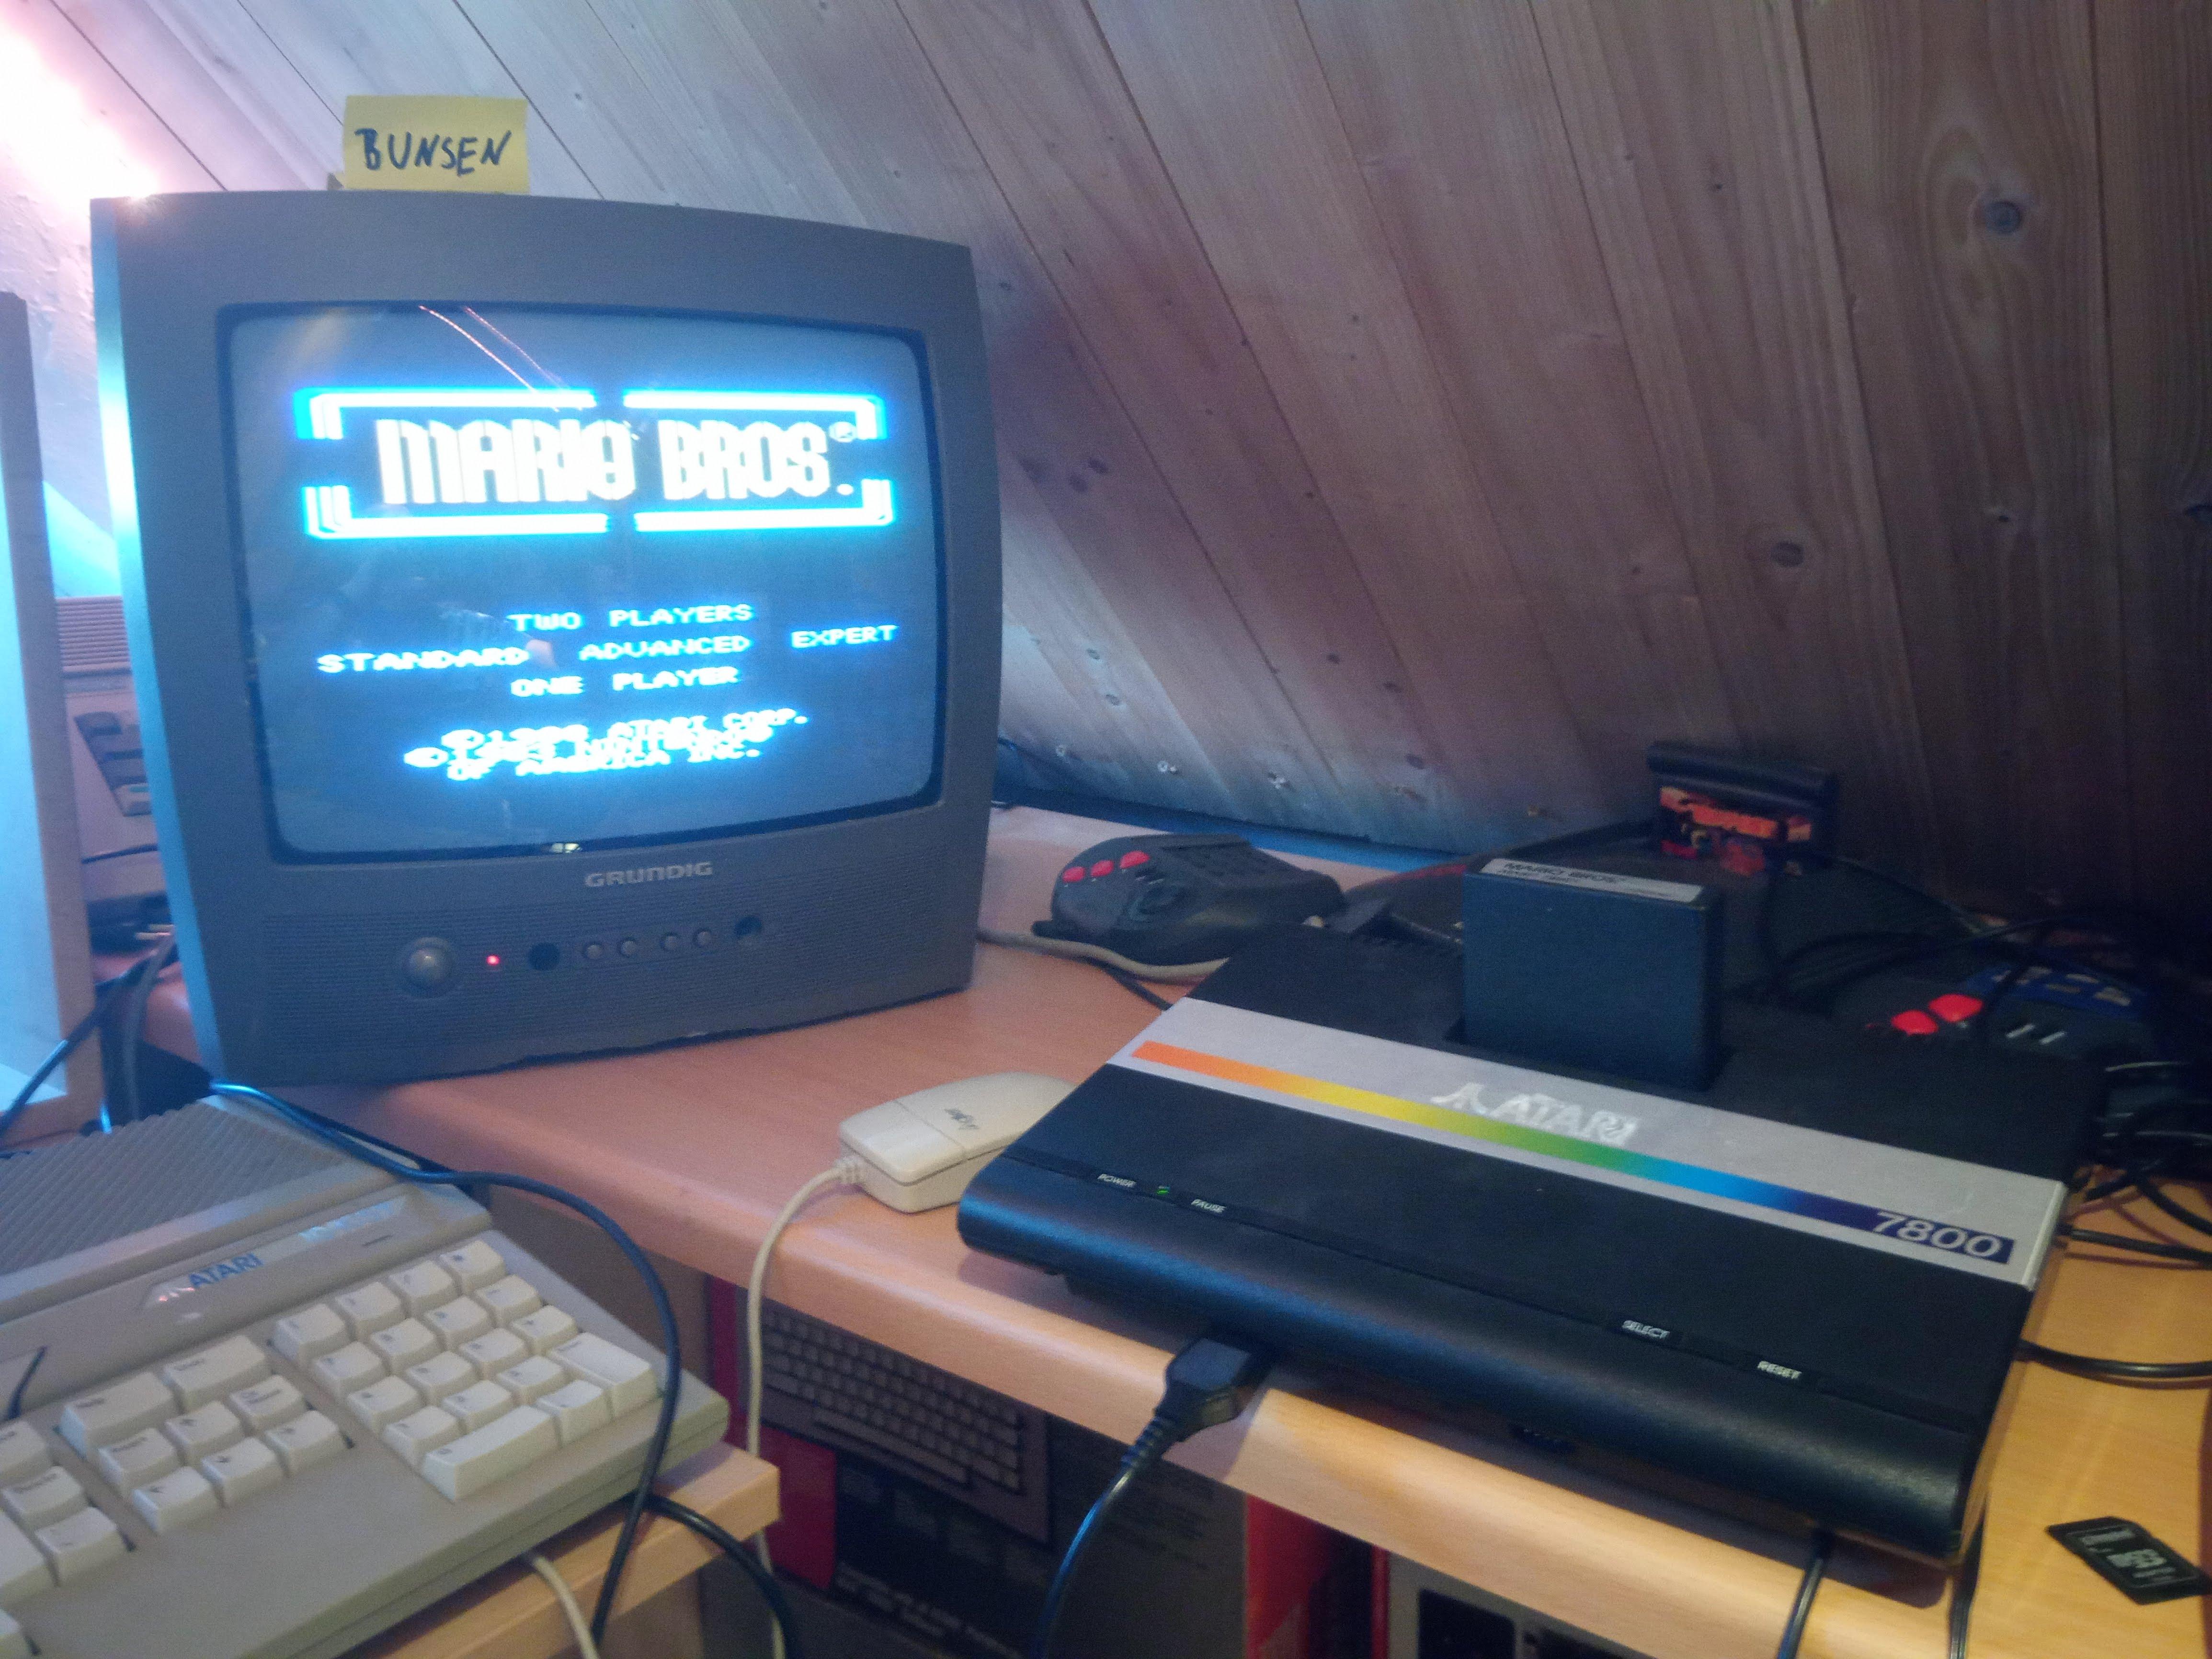 Bunsen: Mario Bros. [Standard] (Atari 7800) 29,990 points on 2020-05-01 13:18:38